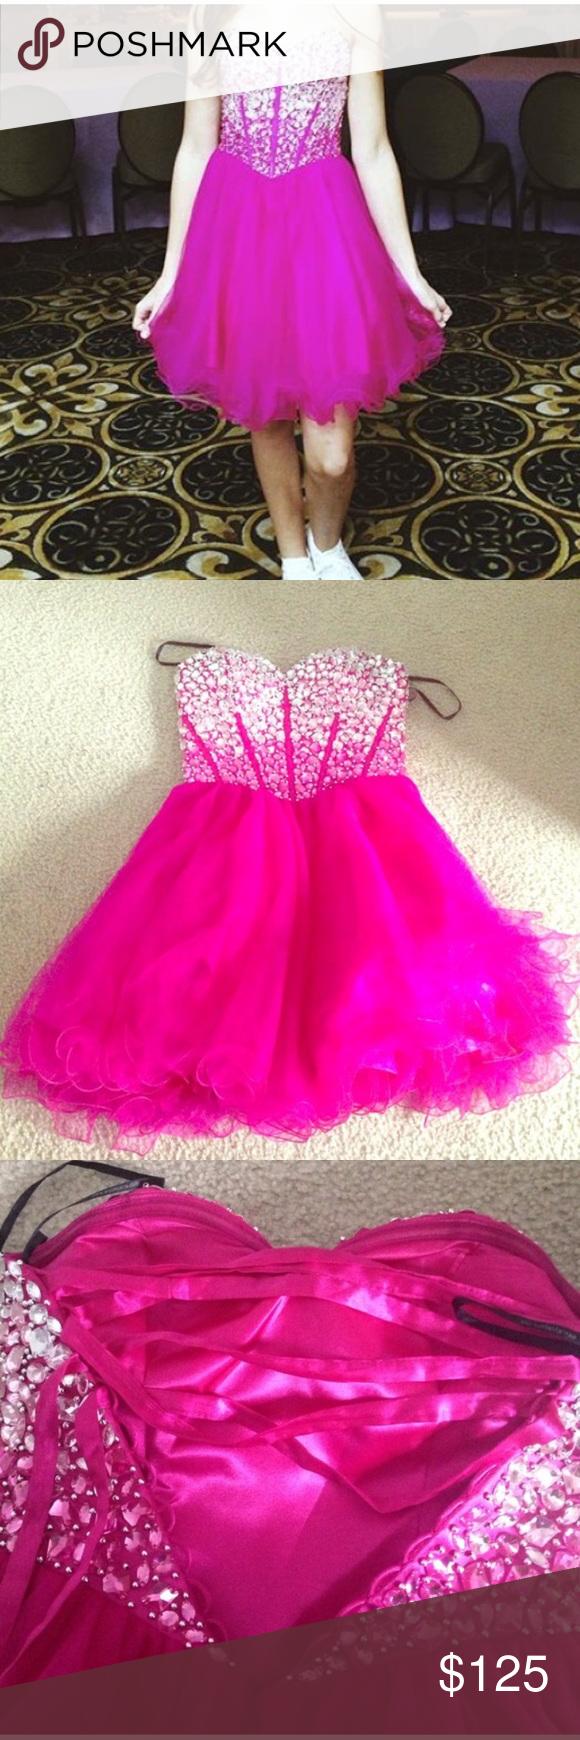 Pretty pink prom dress